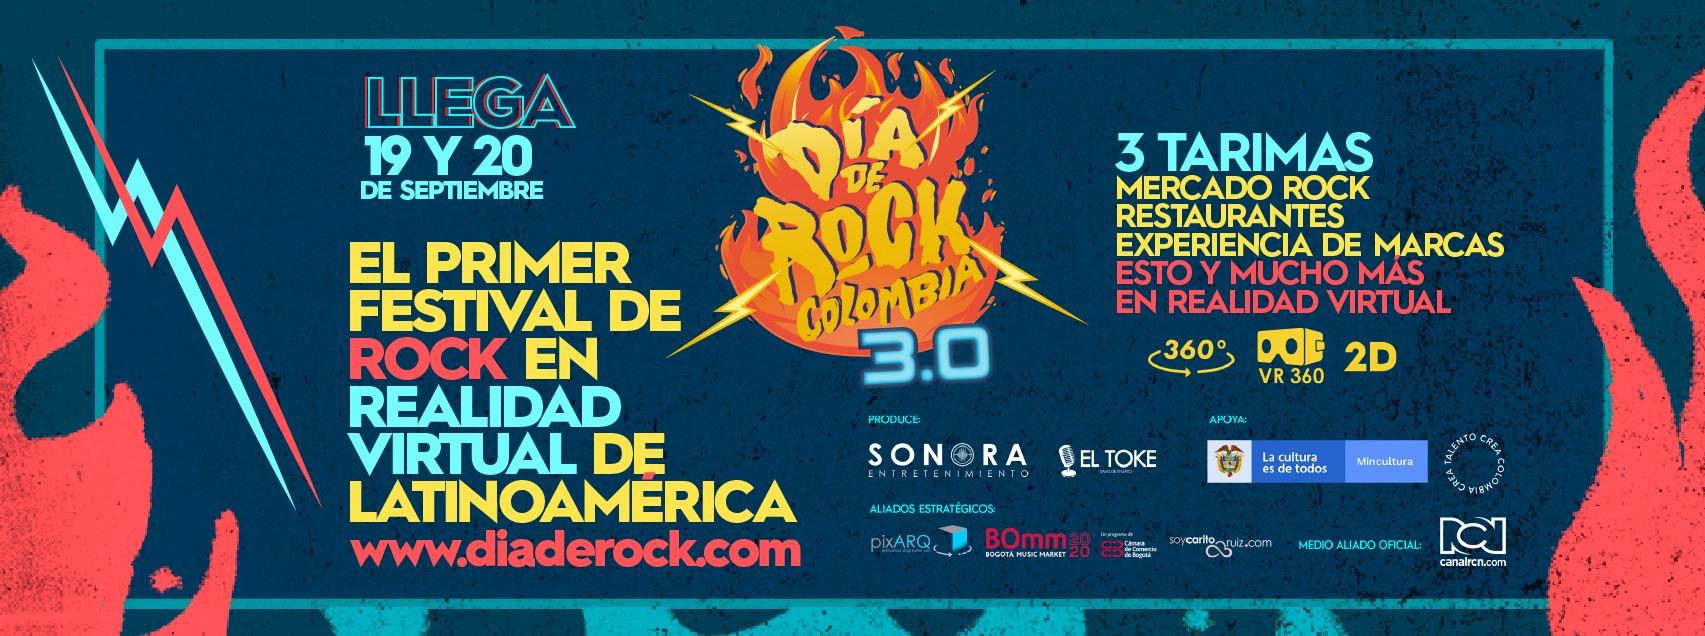 Dia de Rock Colombia 3.0